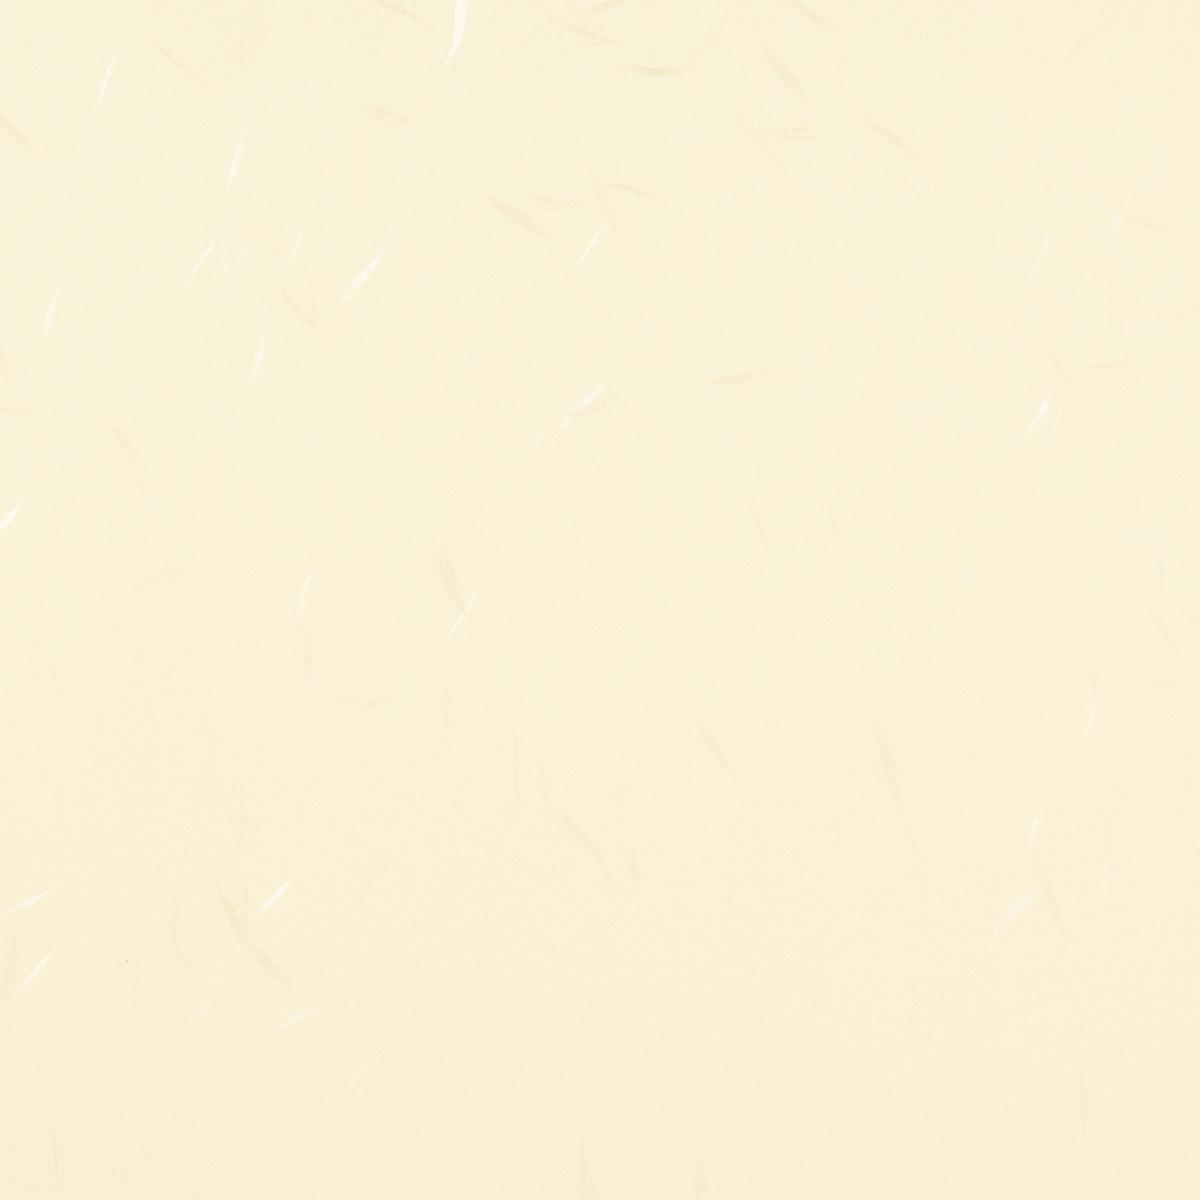 月華ニューカラー B4サイズ(50枚入) No.10 クリーム